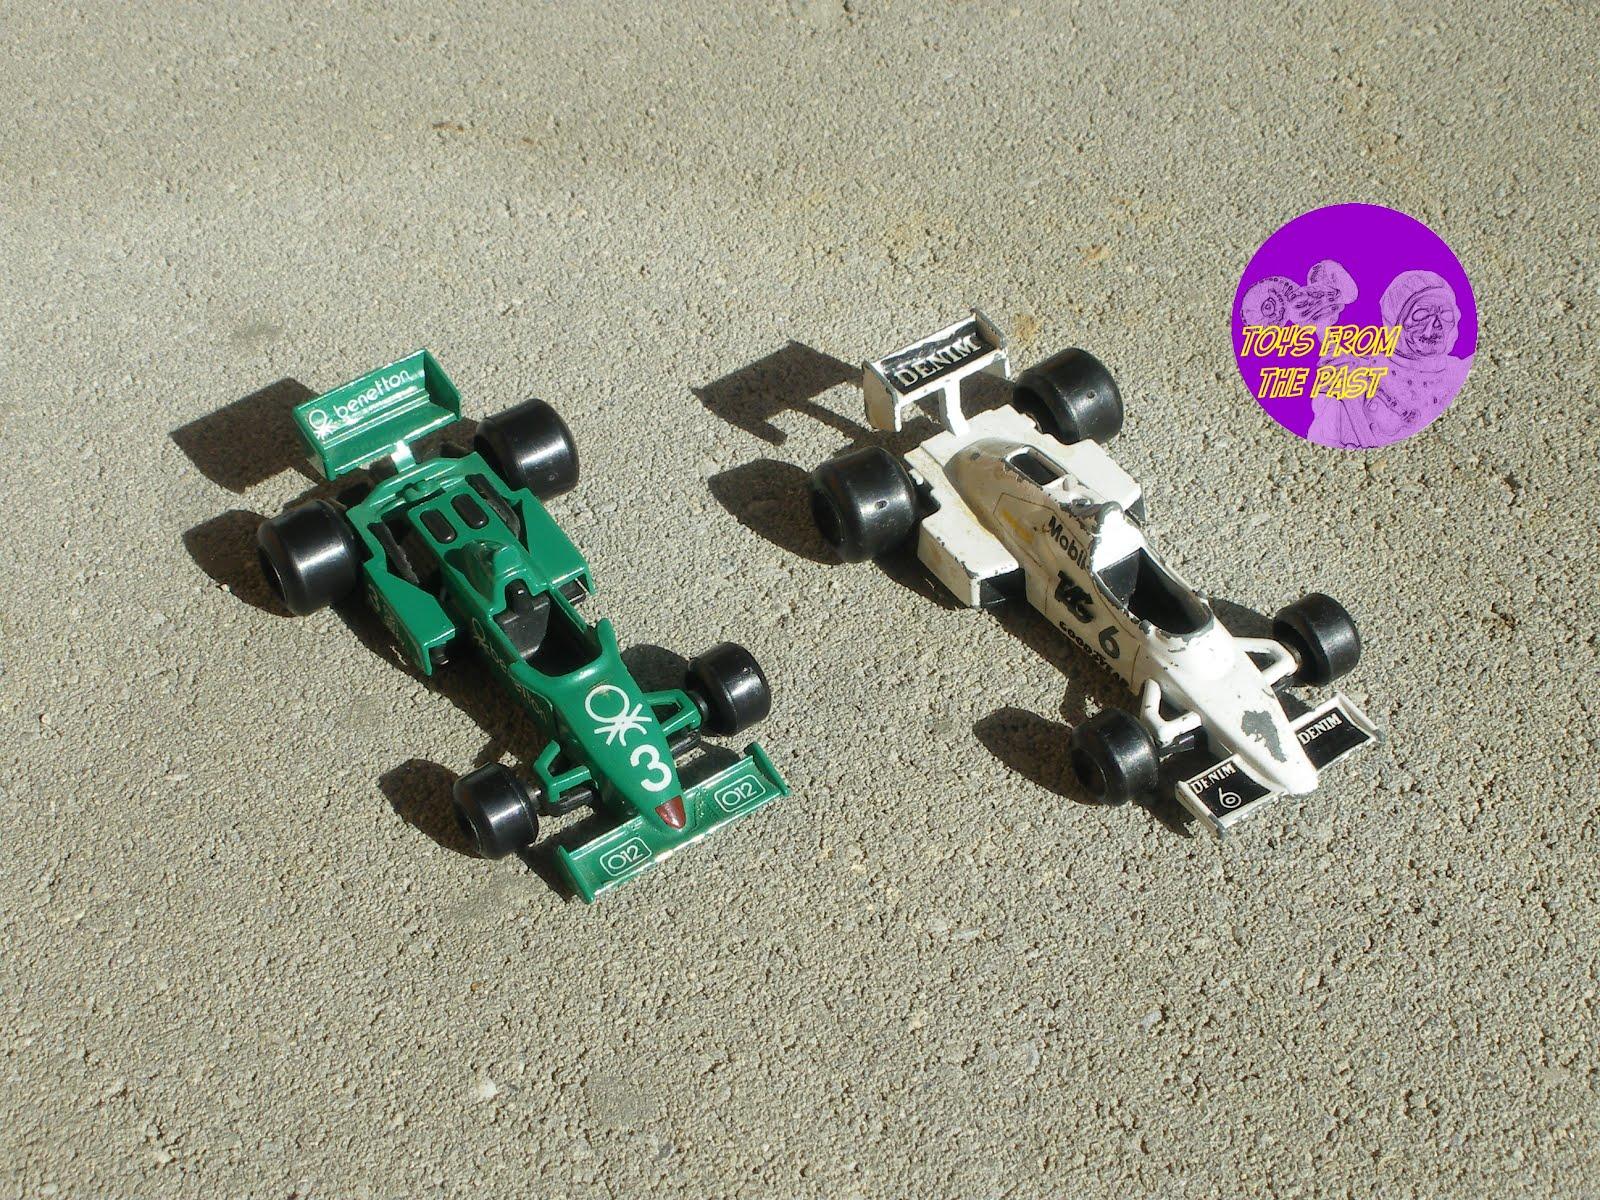 RN21 (verde) Tyrrel 011 e RN22 (bianca) Williams FW 08C (cc-by-nc-nd 3.0 toysfromthepast)